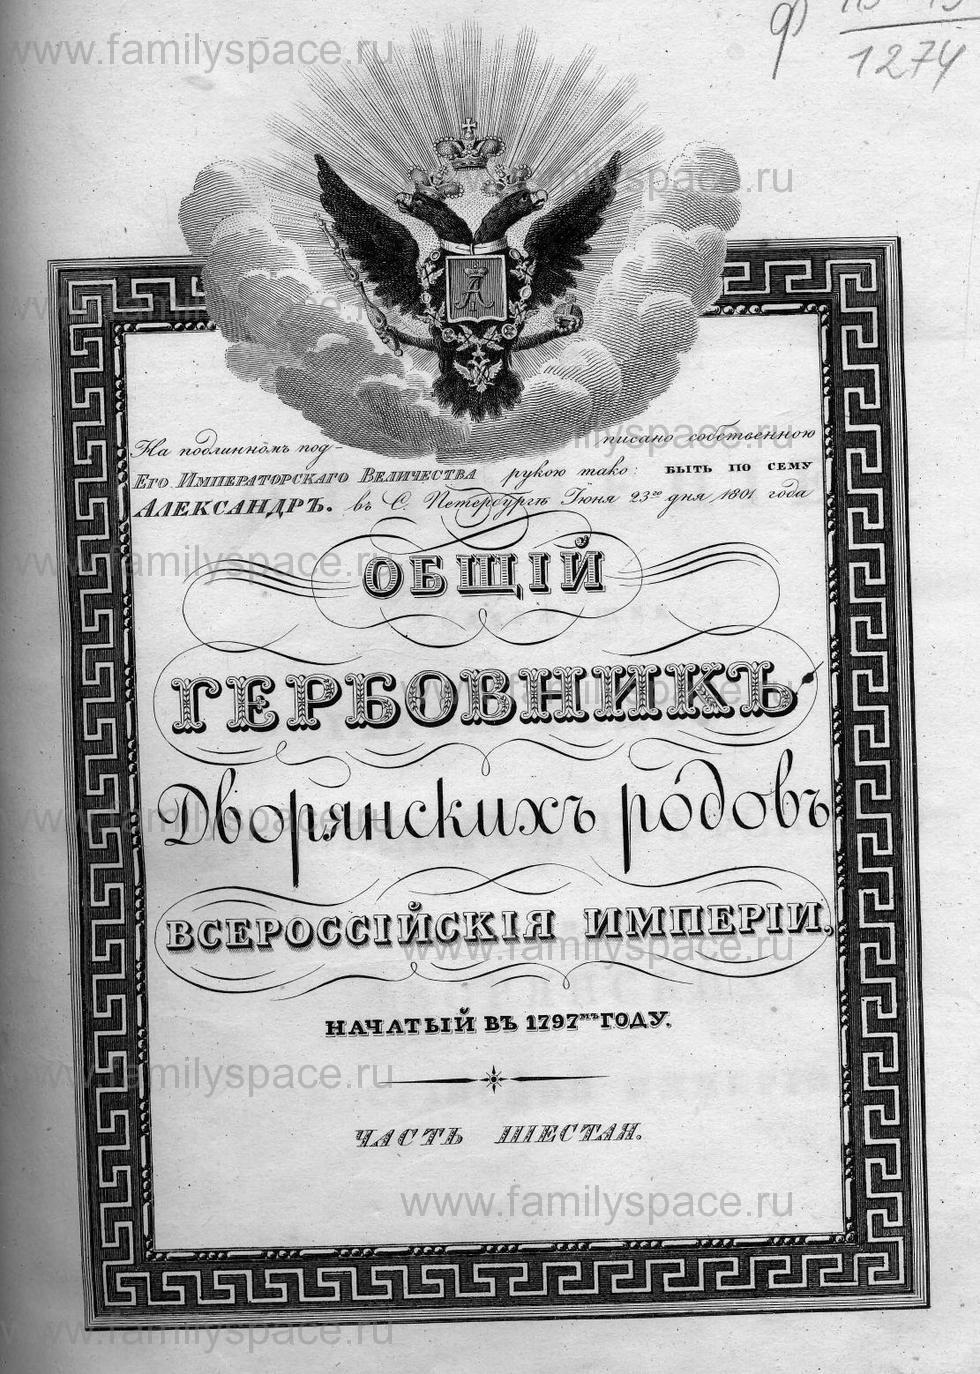 Поиск по фамилии - Общий гербовник дворянских родов Всероссийской империи 1797г., ч.6, страница 1